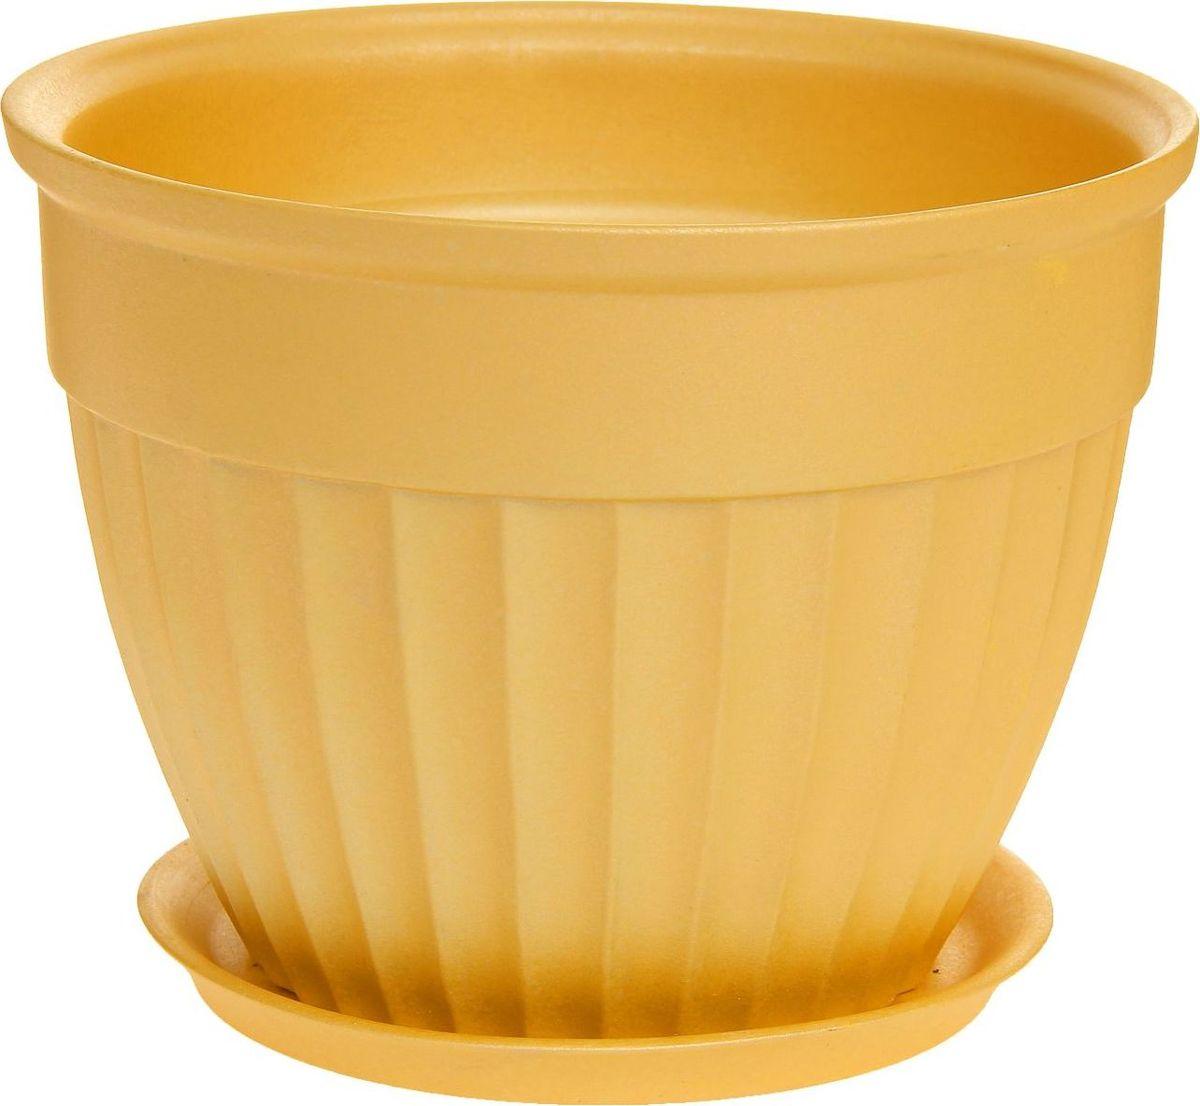 Кашпо Керамика ручной работы Ромашка, цвет: желтый, 33 л1170399Комнатные растения — всеобщие любимцы. Они радуют глаз, насыщают помещение кислородом и украшают пространство. Каждому из них необходим свой удобный и красивый дом. Кашпо из керамики прекрасно подходят для высадки растений: за счёт пластичности глины и разных способов обработки существует великое множество форм и дизайновпористый материал позволяет испаряться лишней влагевоздух, необходимый для дыхания корней, проникает сквозь керамические стенки! #name# позаботится о зелёном питомце, освежит интерьер и подчеркнёт его стиль.